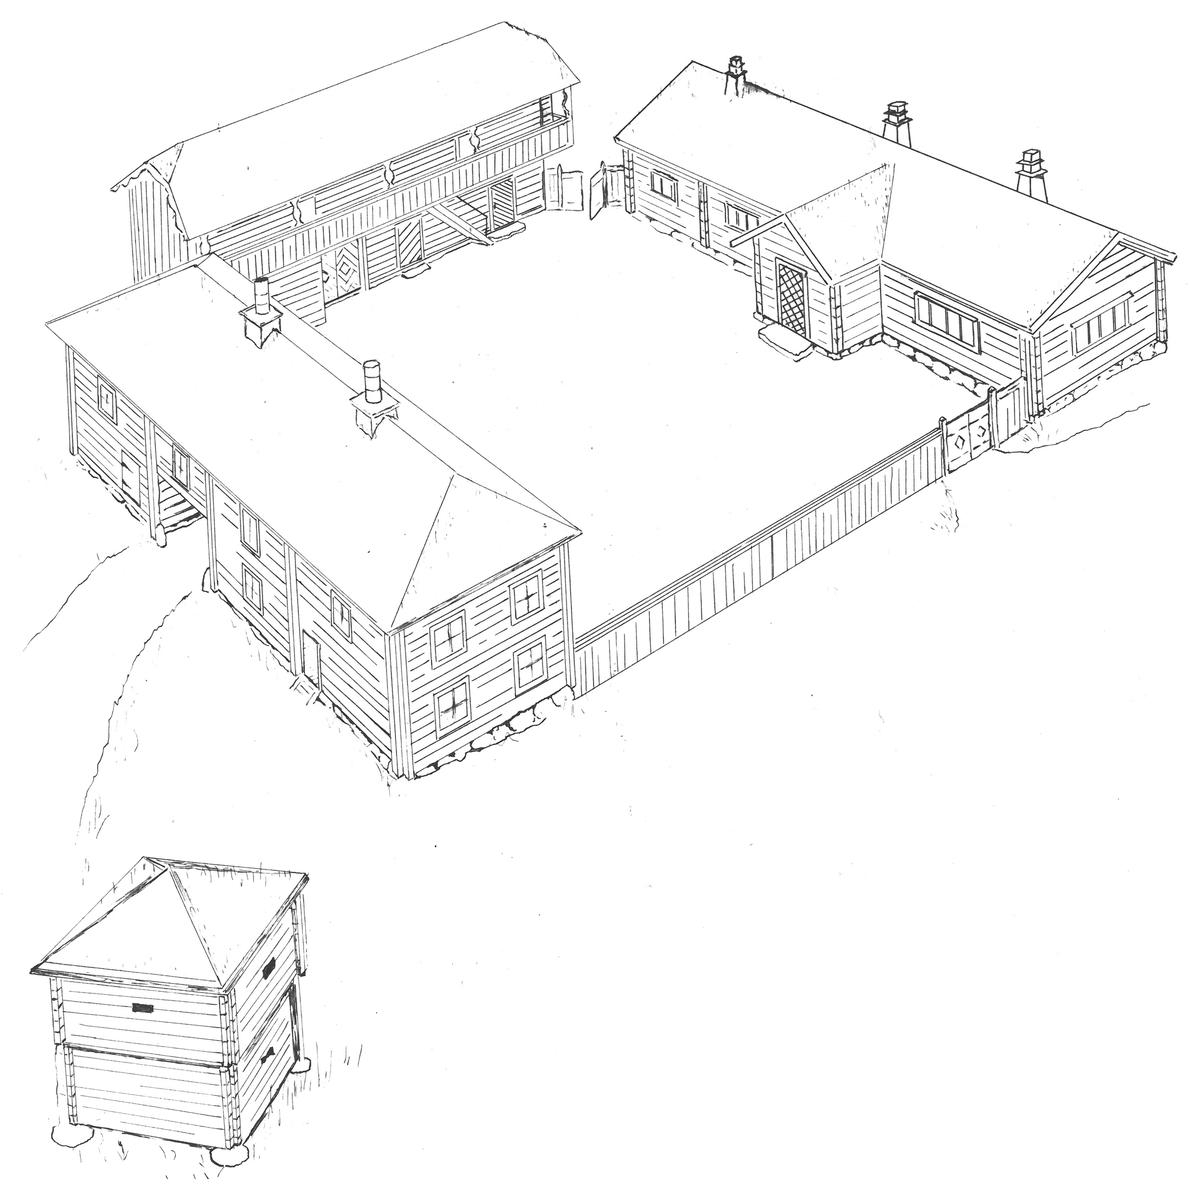 Det som idag kallas Bergsmansgården på Skansen har sammanställts och kompletterats med byggnader vid fyra tillfällen under åren 1895-1943. Avsikten är att illustrera en förmögen bergsmans mangård under 1700-talet. Byggnaderna är hämtade från västra Västmanland i Örebro län. Bergsmansgården rymmer ett bostadshus, två loftbodar samt ytterligare en mindre bod.